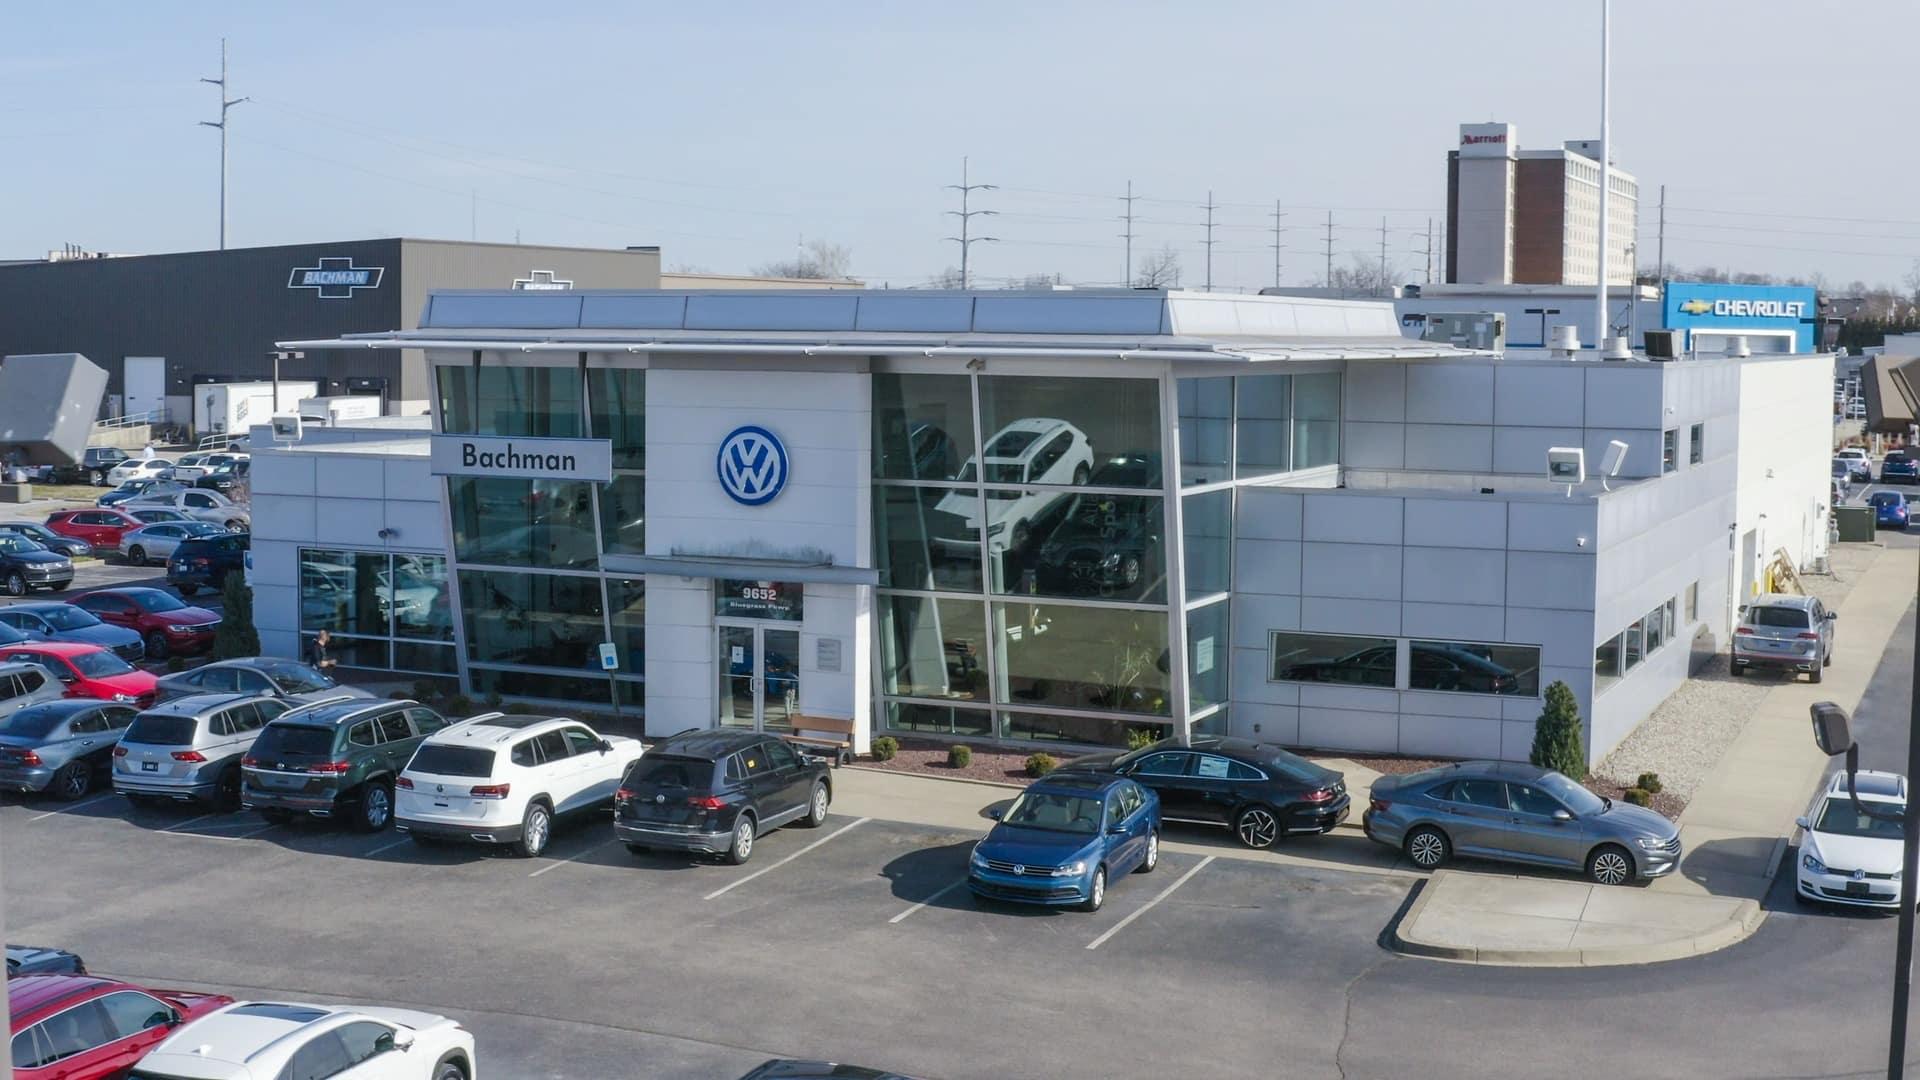 Bachman VW Storefront